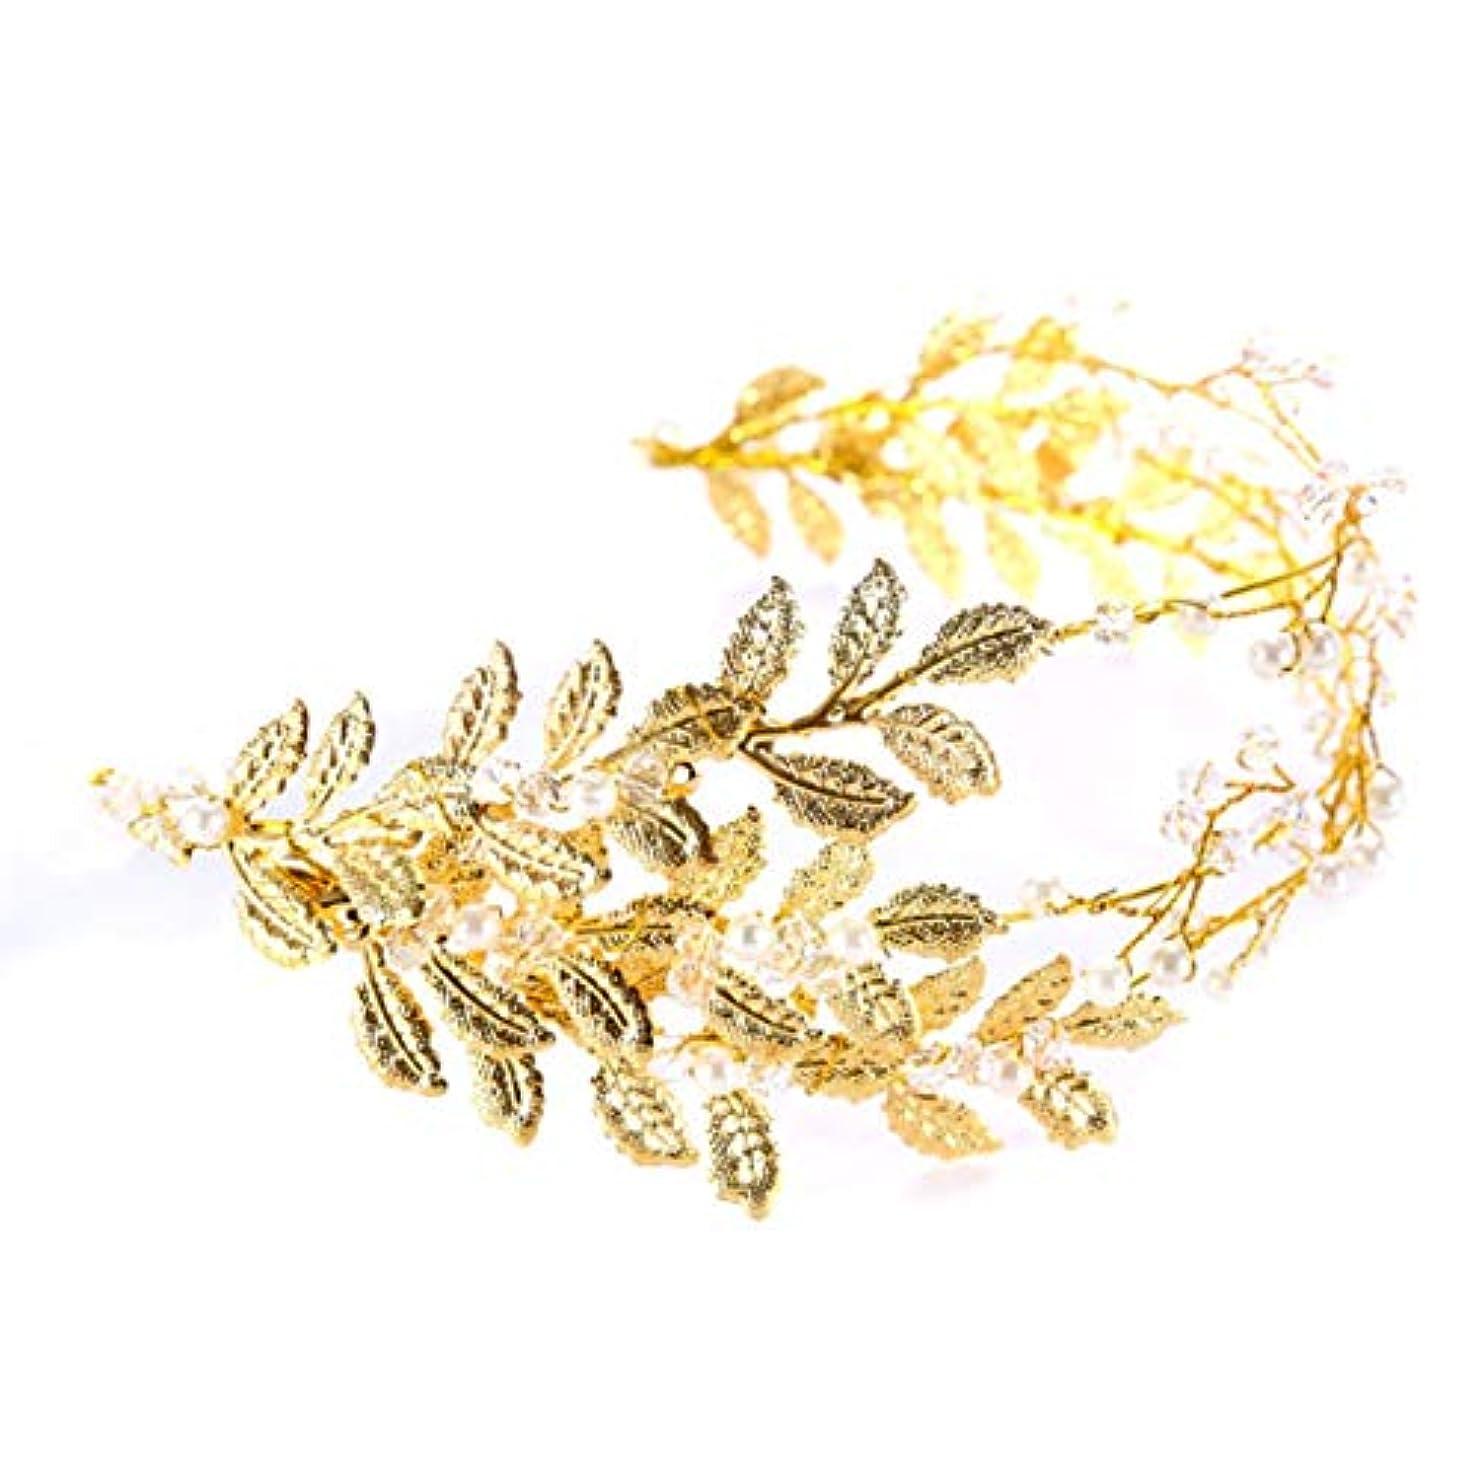 聡明突然のウサギゴールドリーフスタイルチャーム花嫁ヘッドバンド高級ブライダルウェディング帽子ファッションヴィンテージプリンセスバロックスタイルヘッドドレス-ゴールド